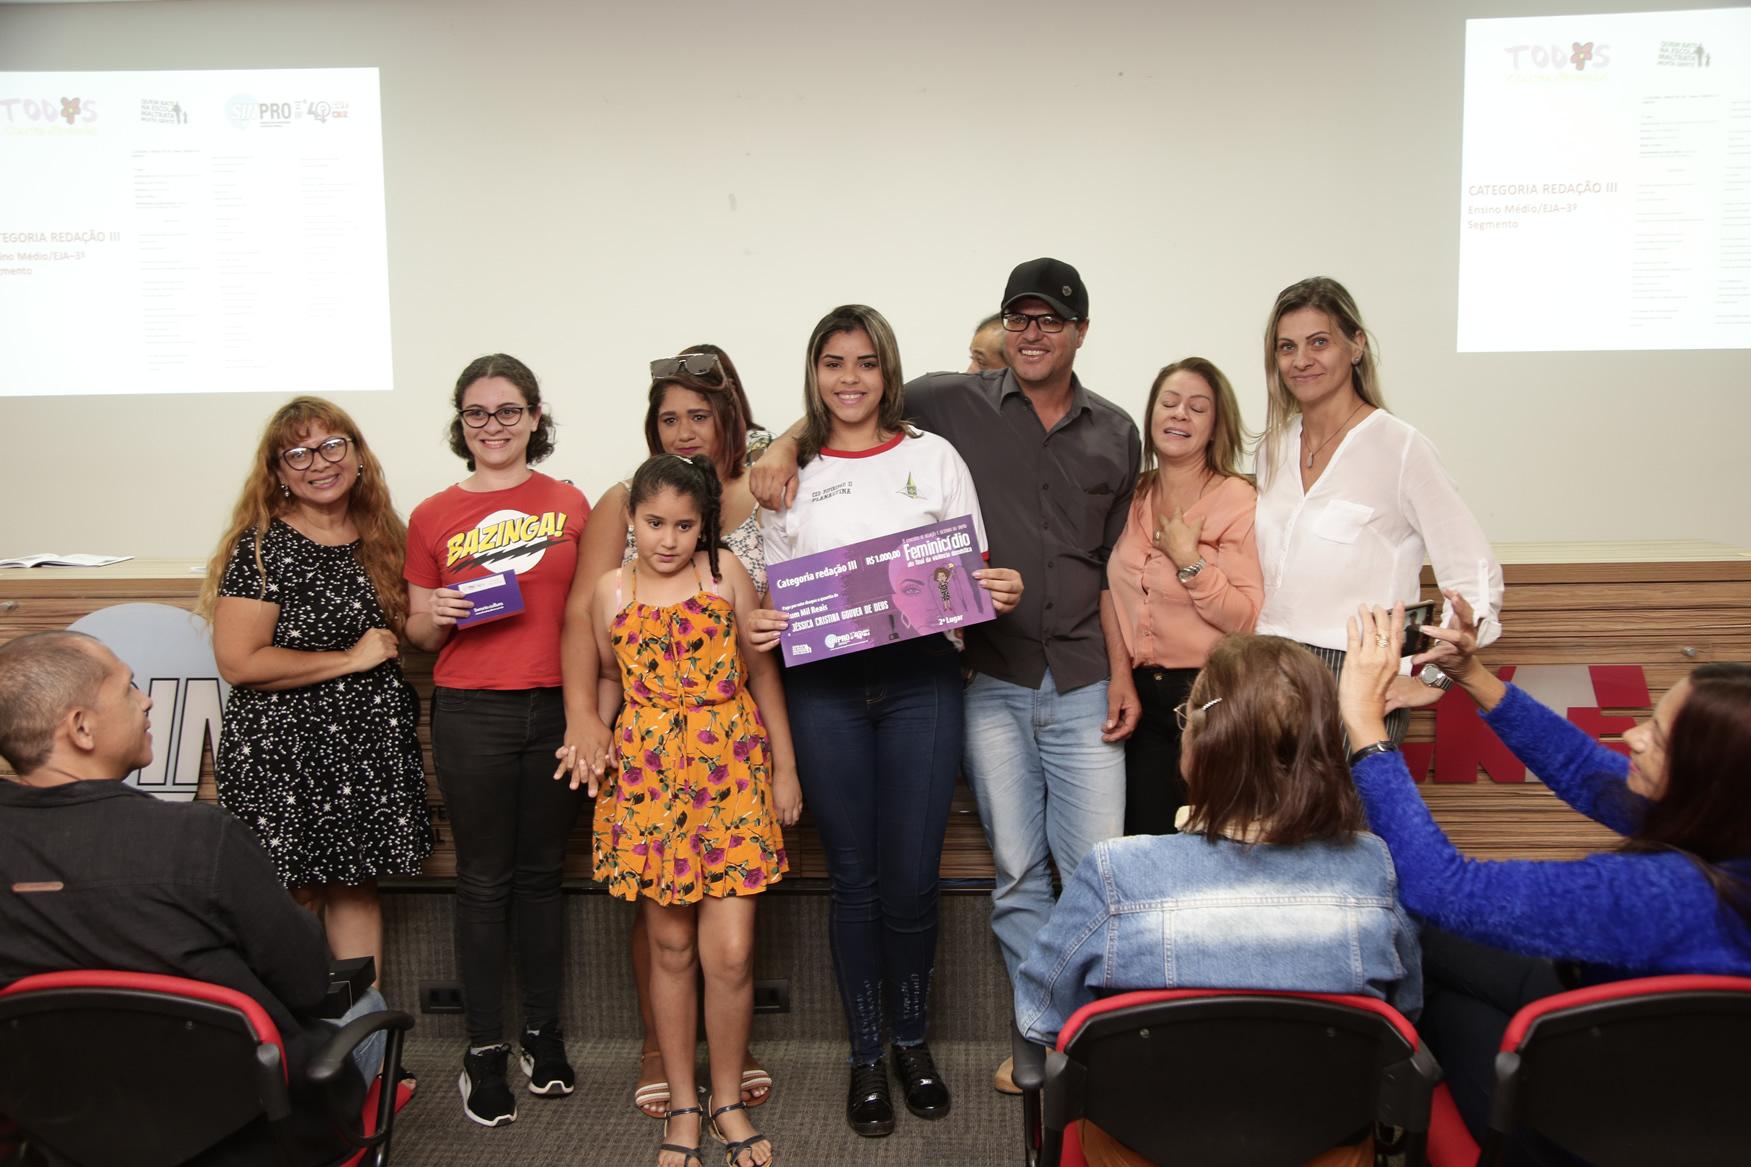 2019.05.19-Premiacao-do-X-Concurso-de-Redacao-do-Sinpro-DF_fotos-ECOM-49